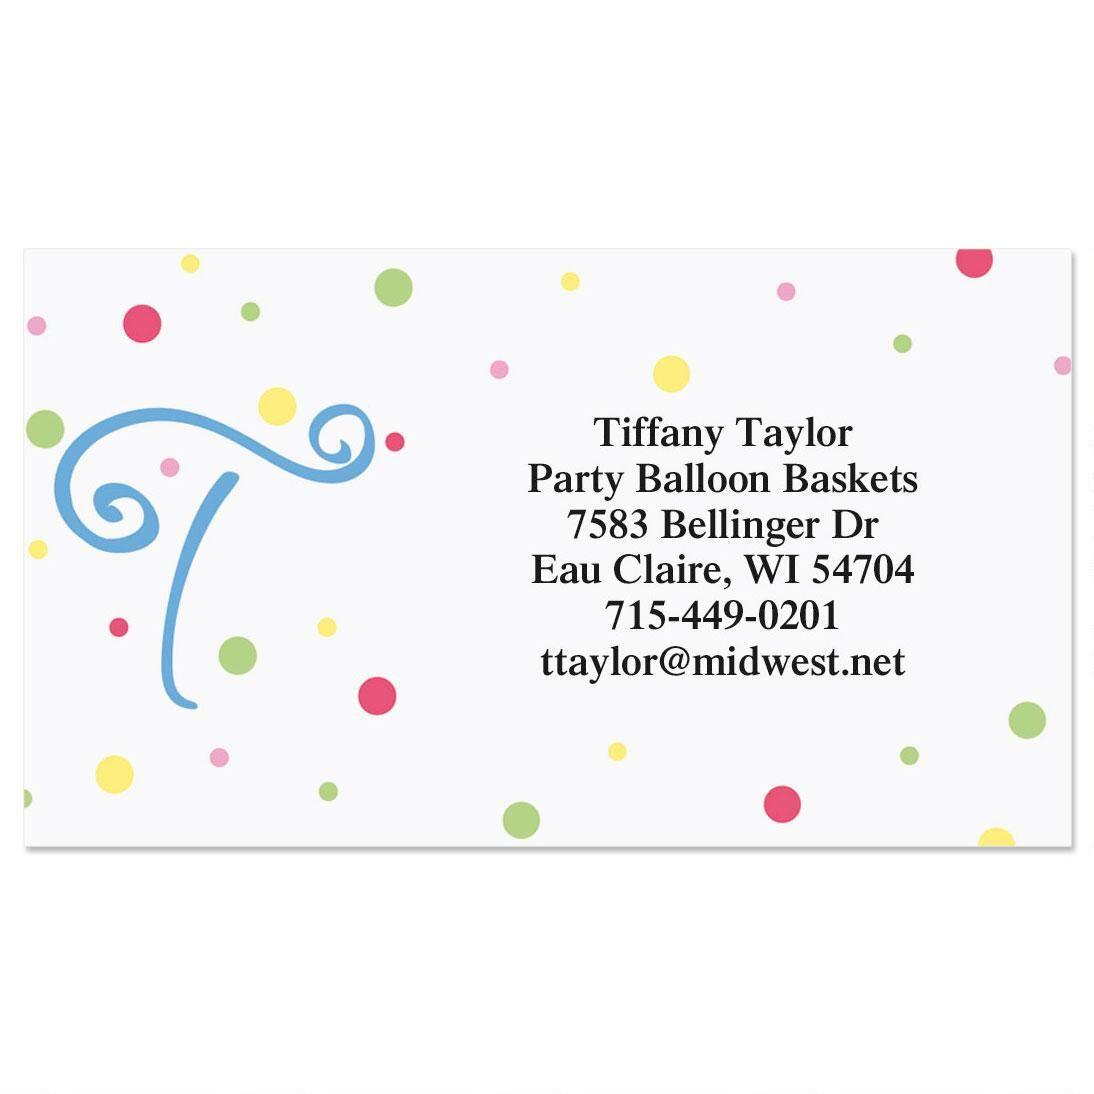 Splatter Dot Initial Business Cards